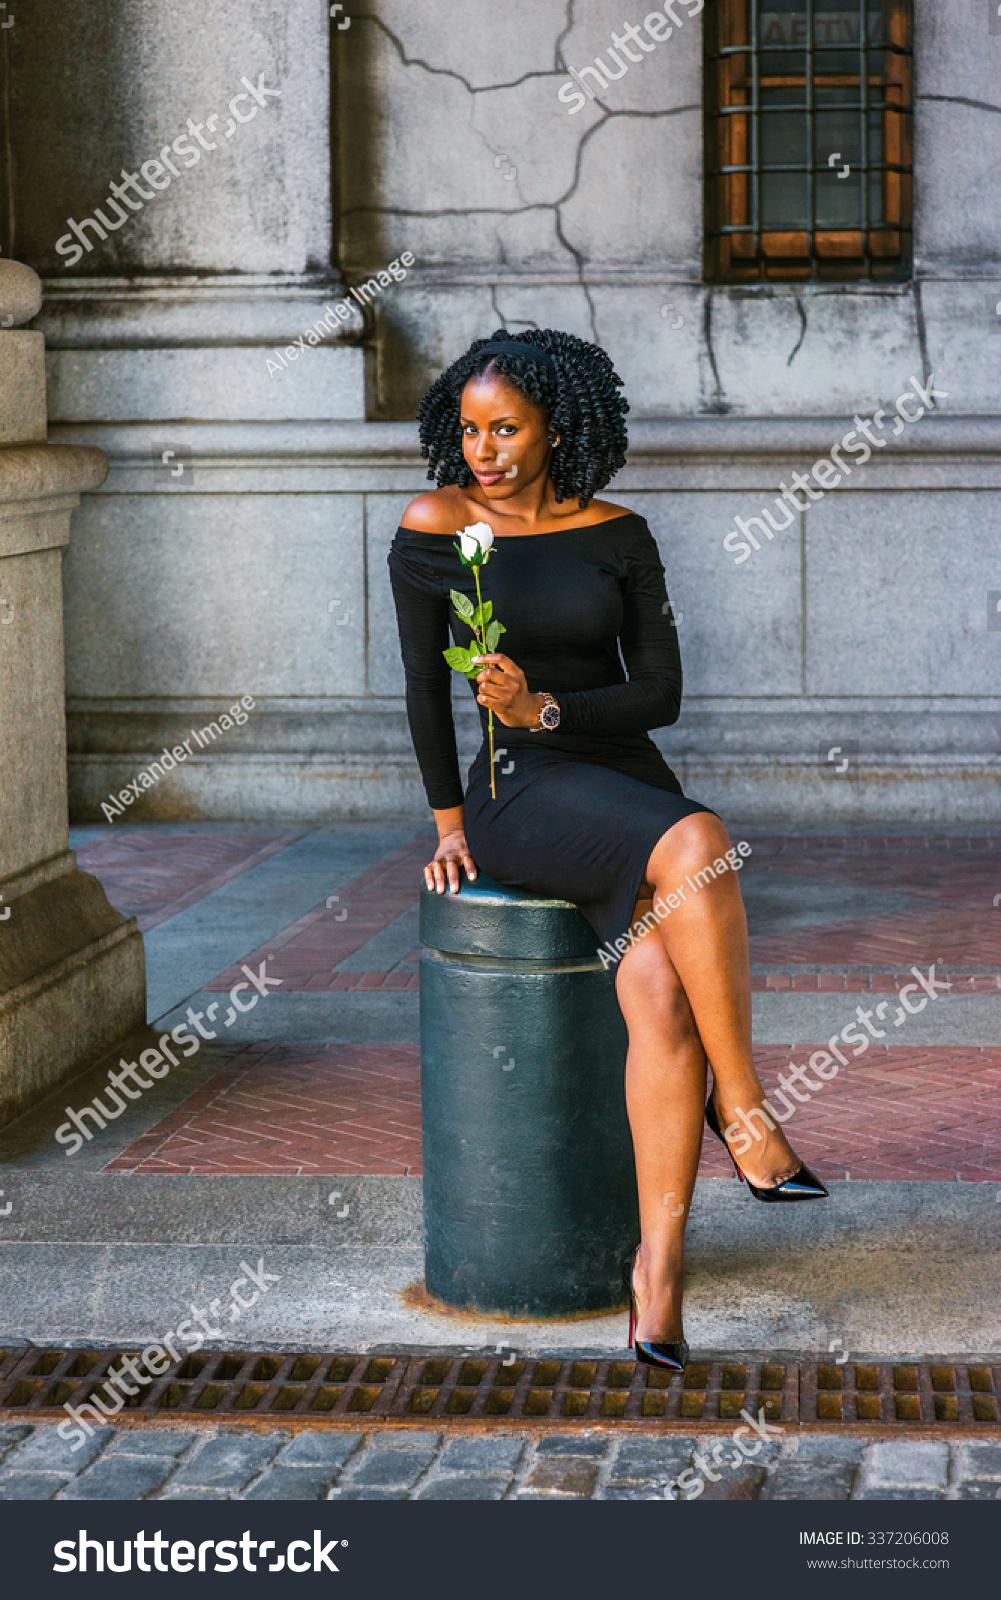 Seeking black female